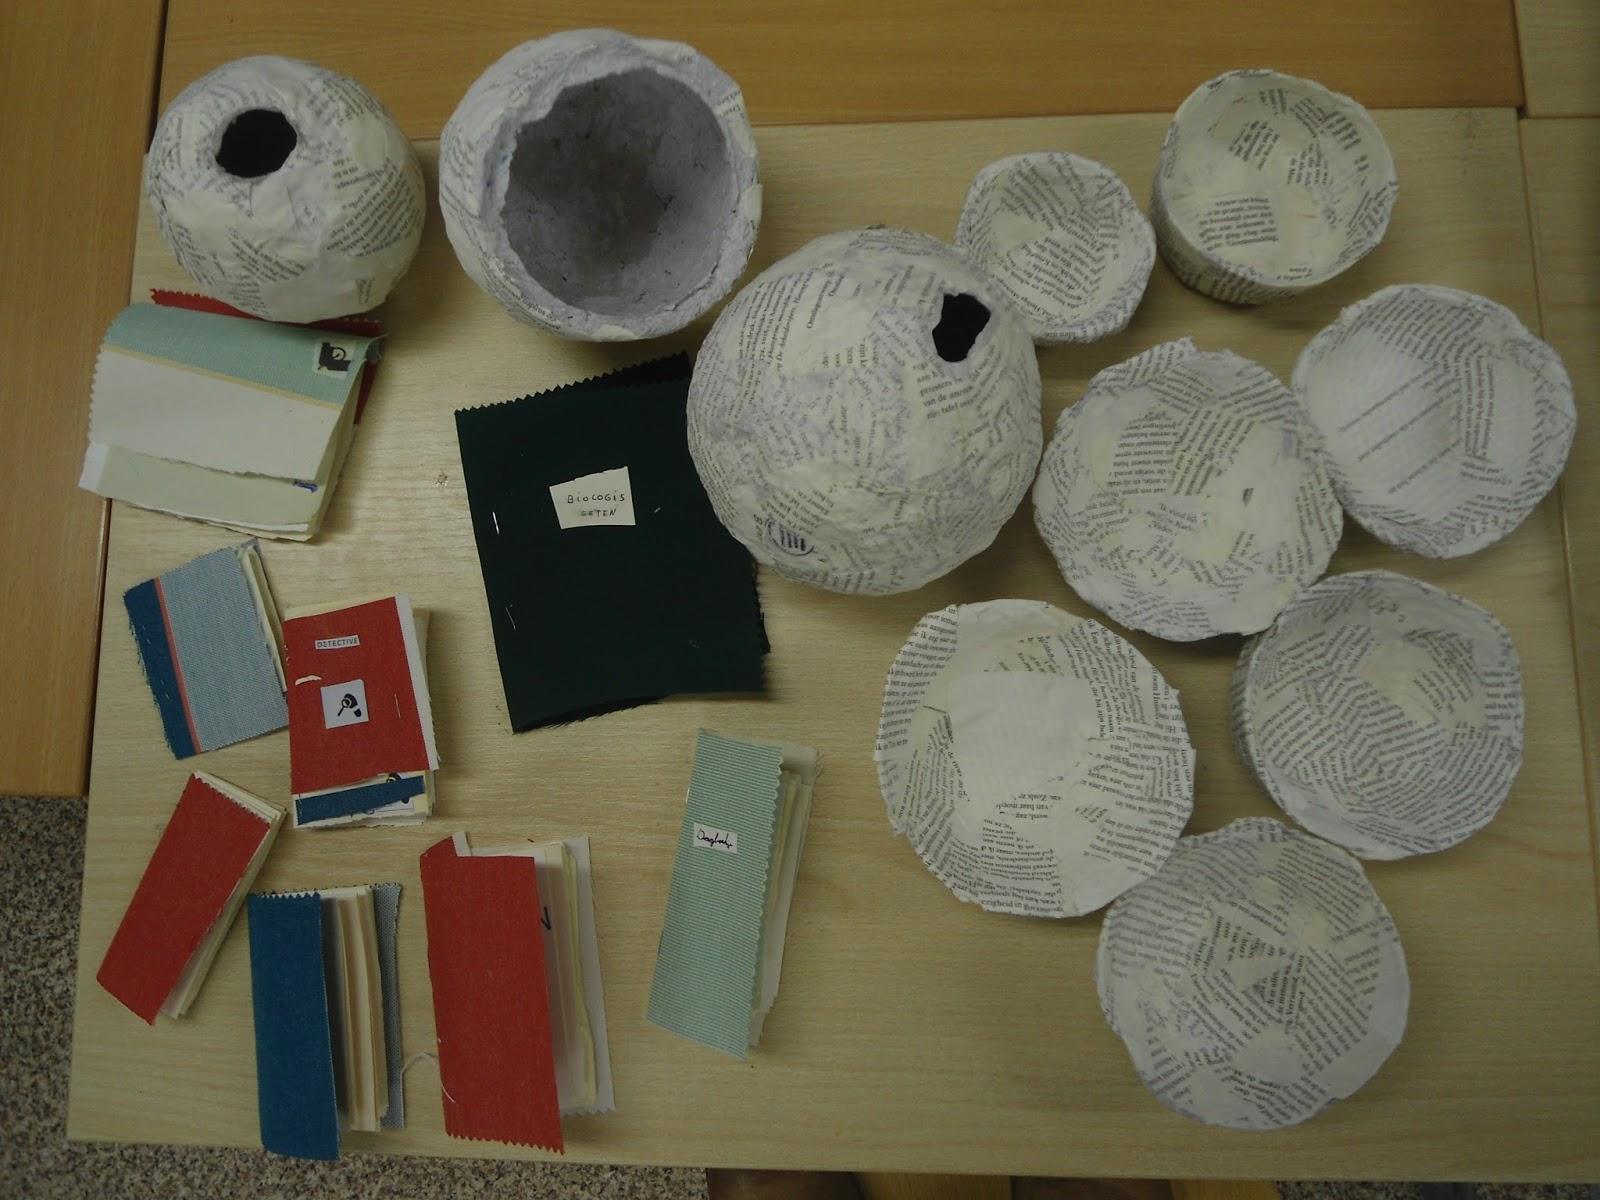 Genoeg Octopus 3B: De nieuwe bieb: knutselen met oude boeken &RK83